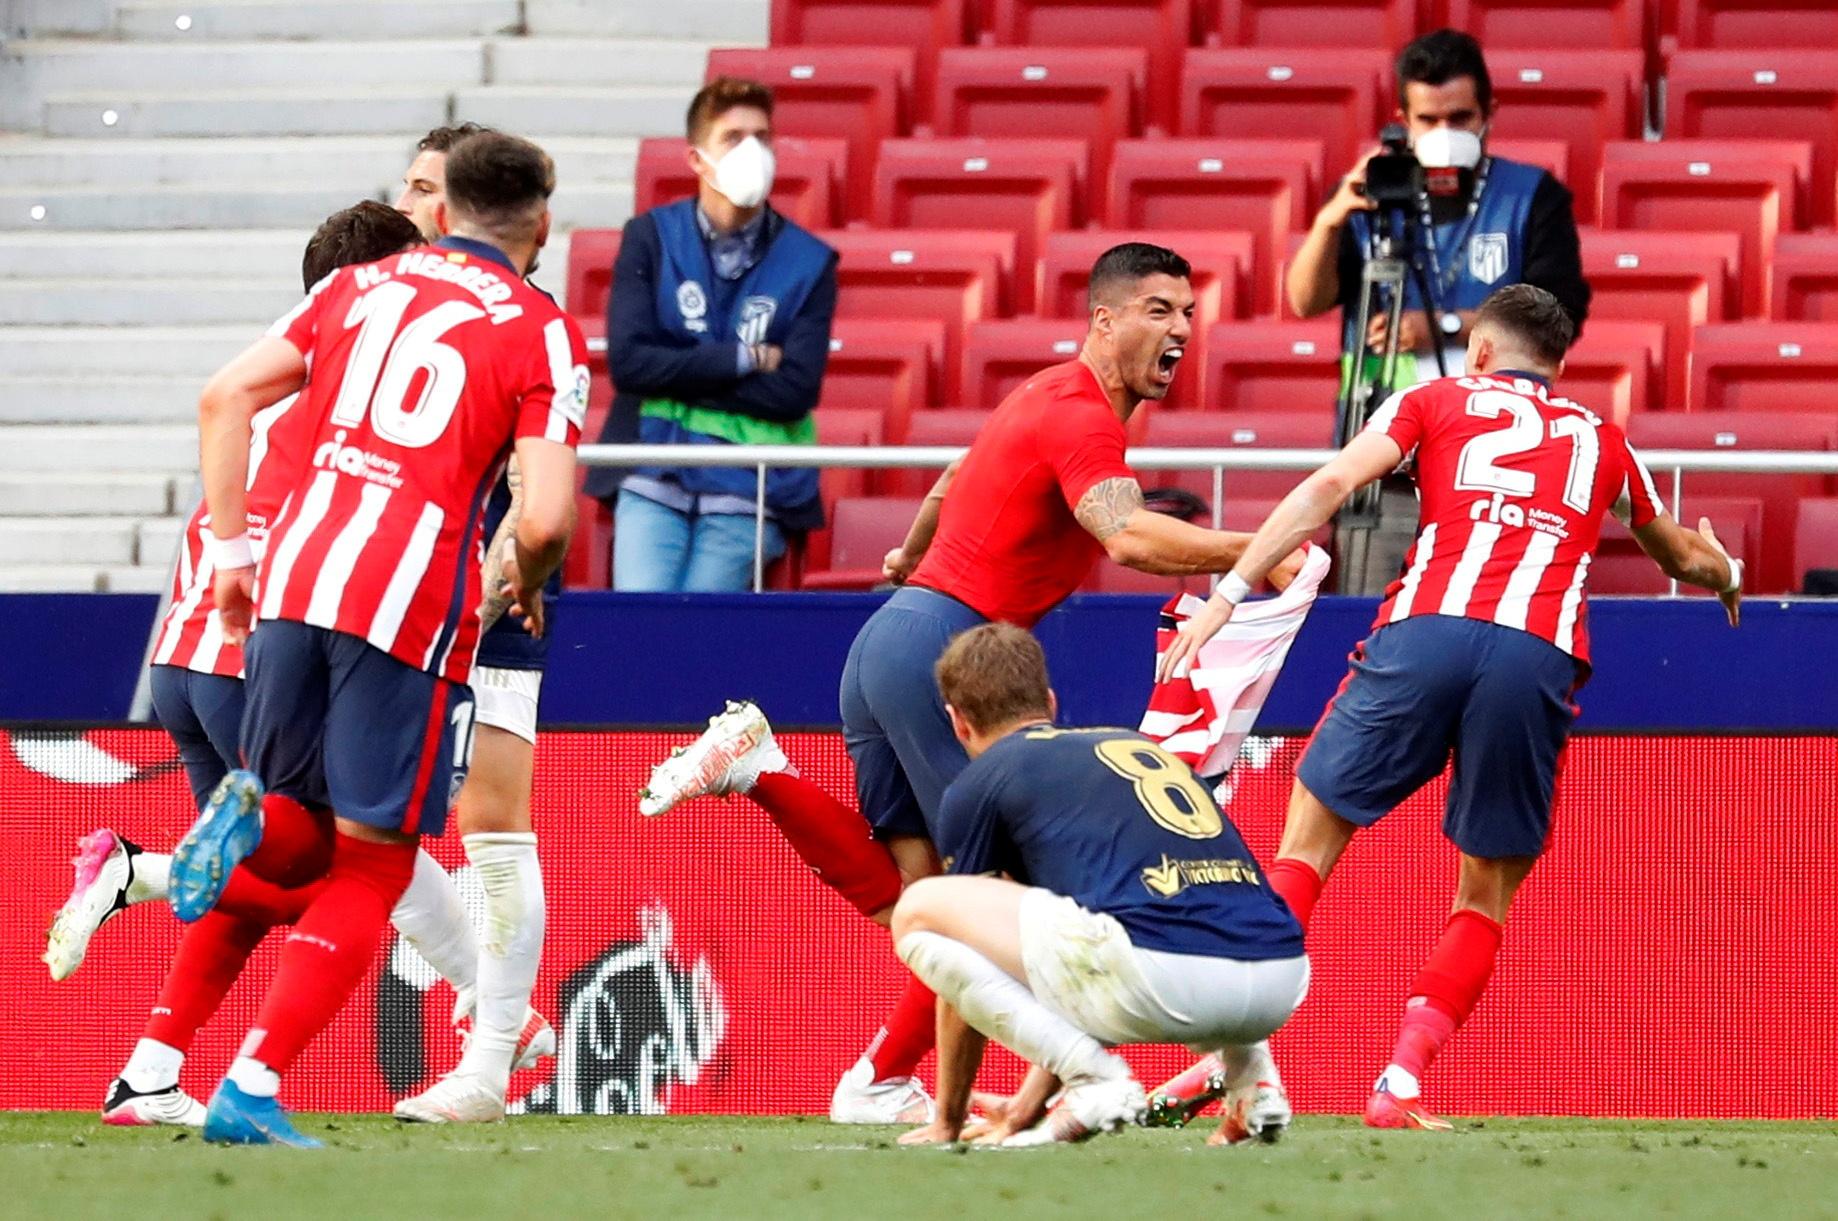 Ανατροπή τίτλου για Ατλέτικο Μαδρίτης, έχασε οριστικά το πρωτάθλημα η Μπαρτσελόνα